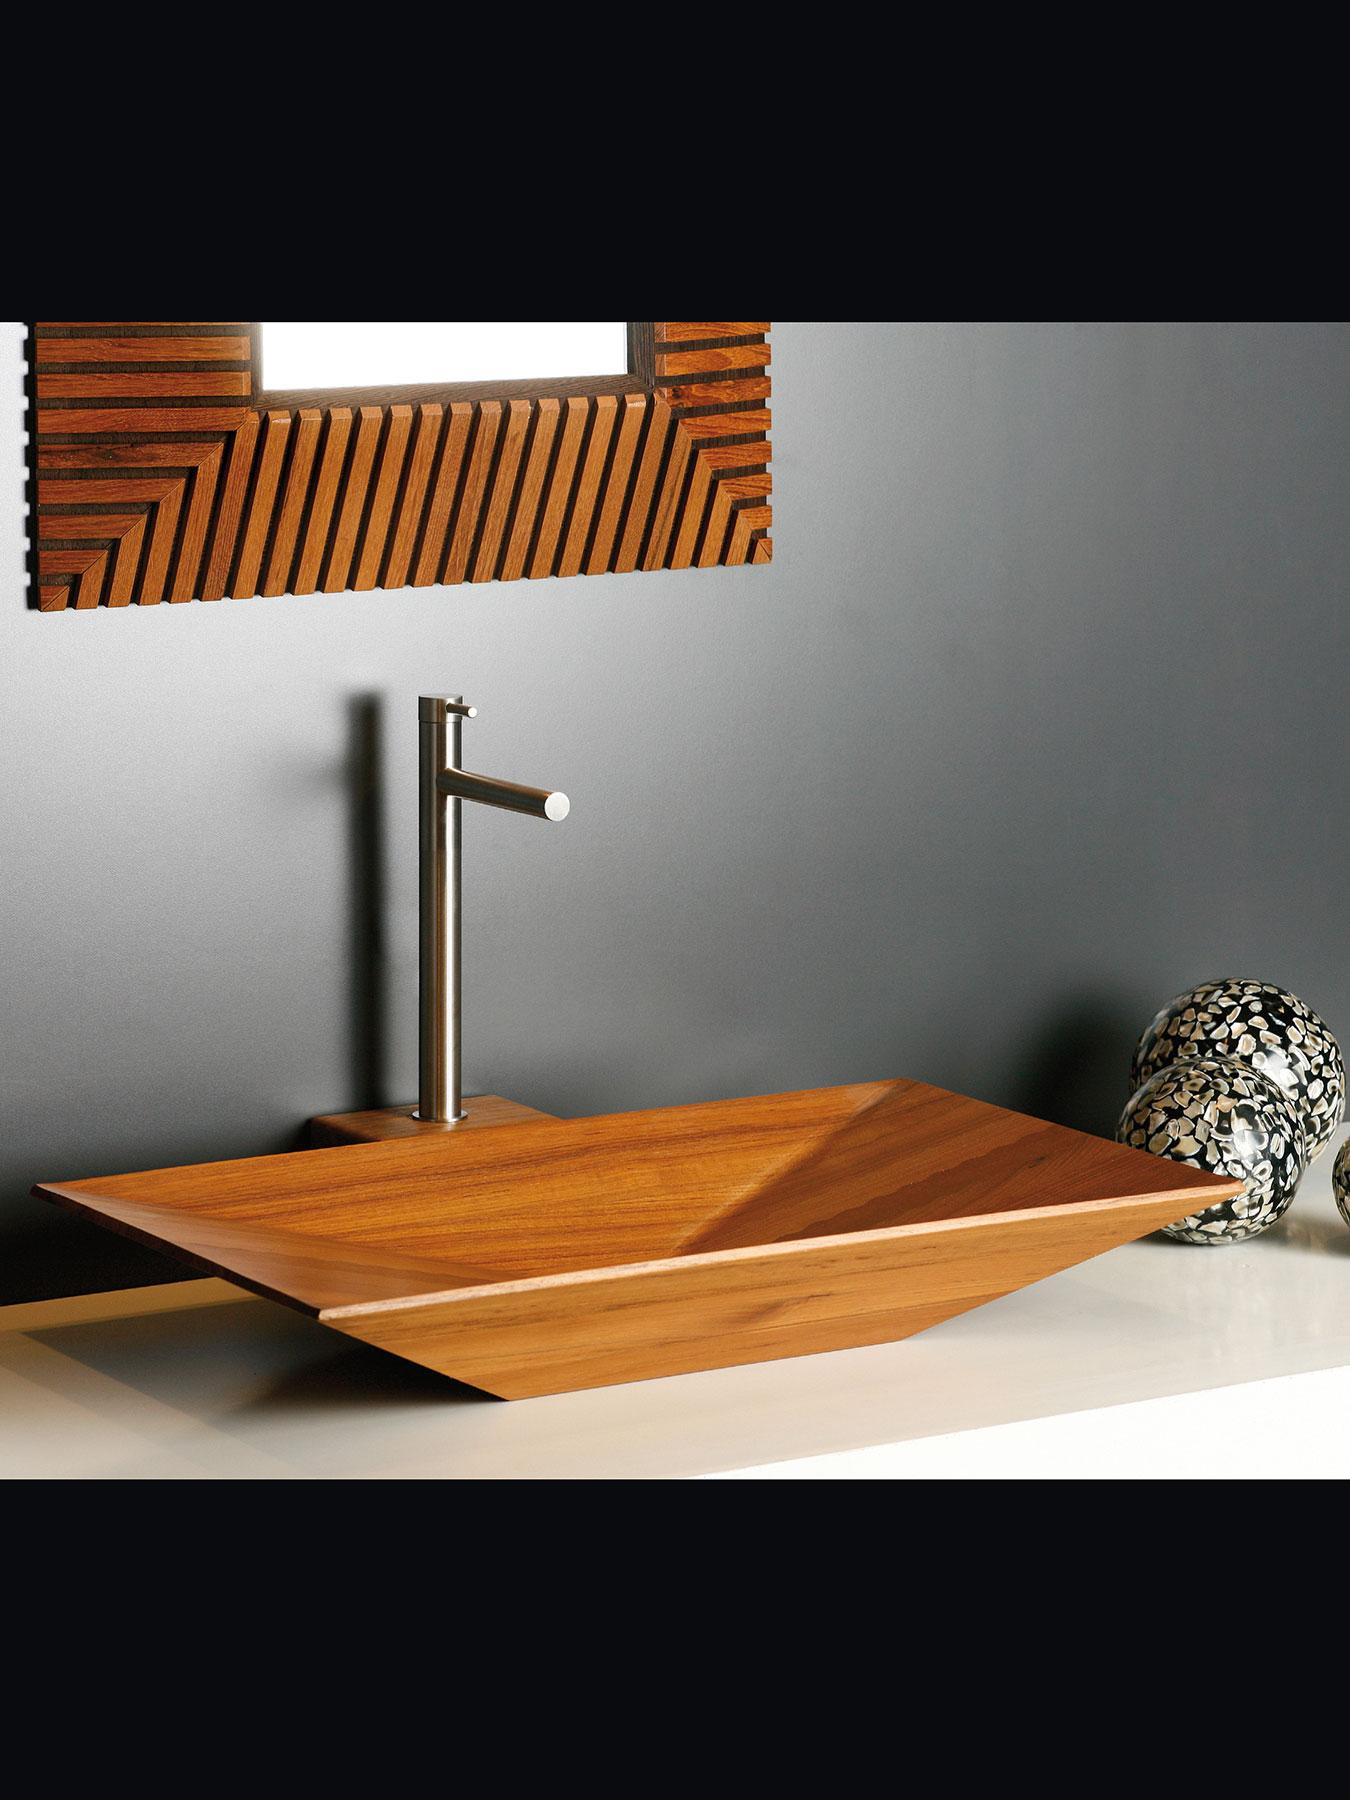 Modern Minimal Beauty Deck Mount Faucet